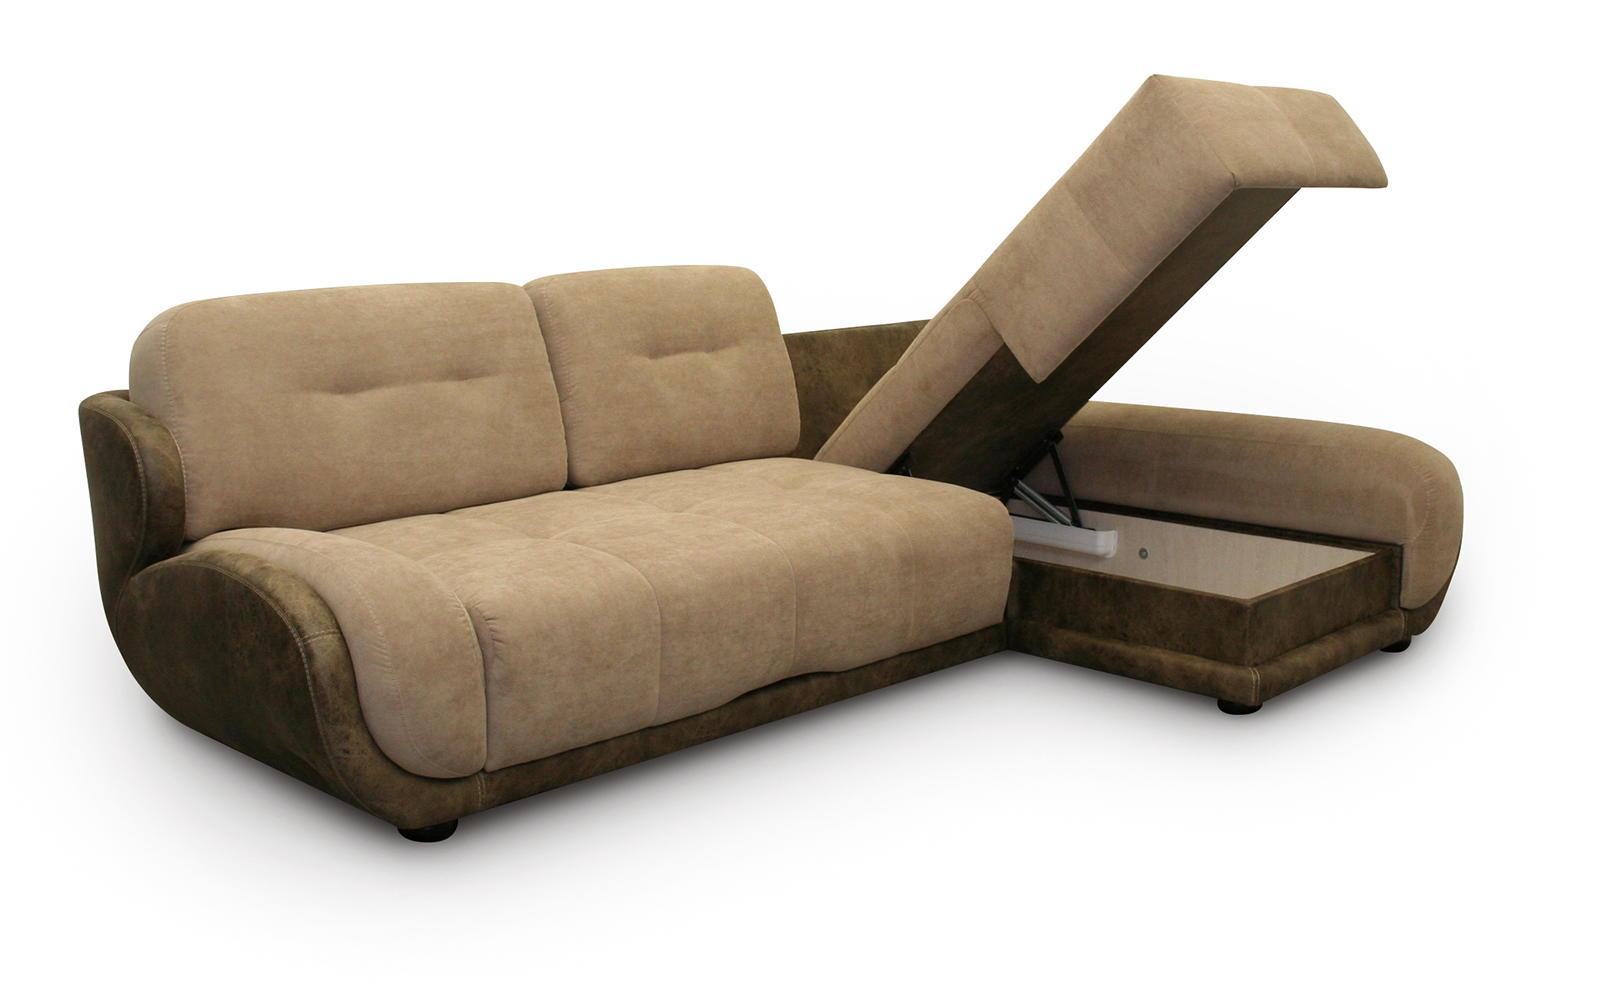 Угловой диван № 245. Мебельный магазин Мебель Ленд. Санкт-Петербург